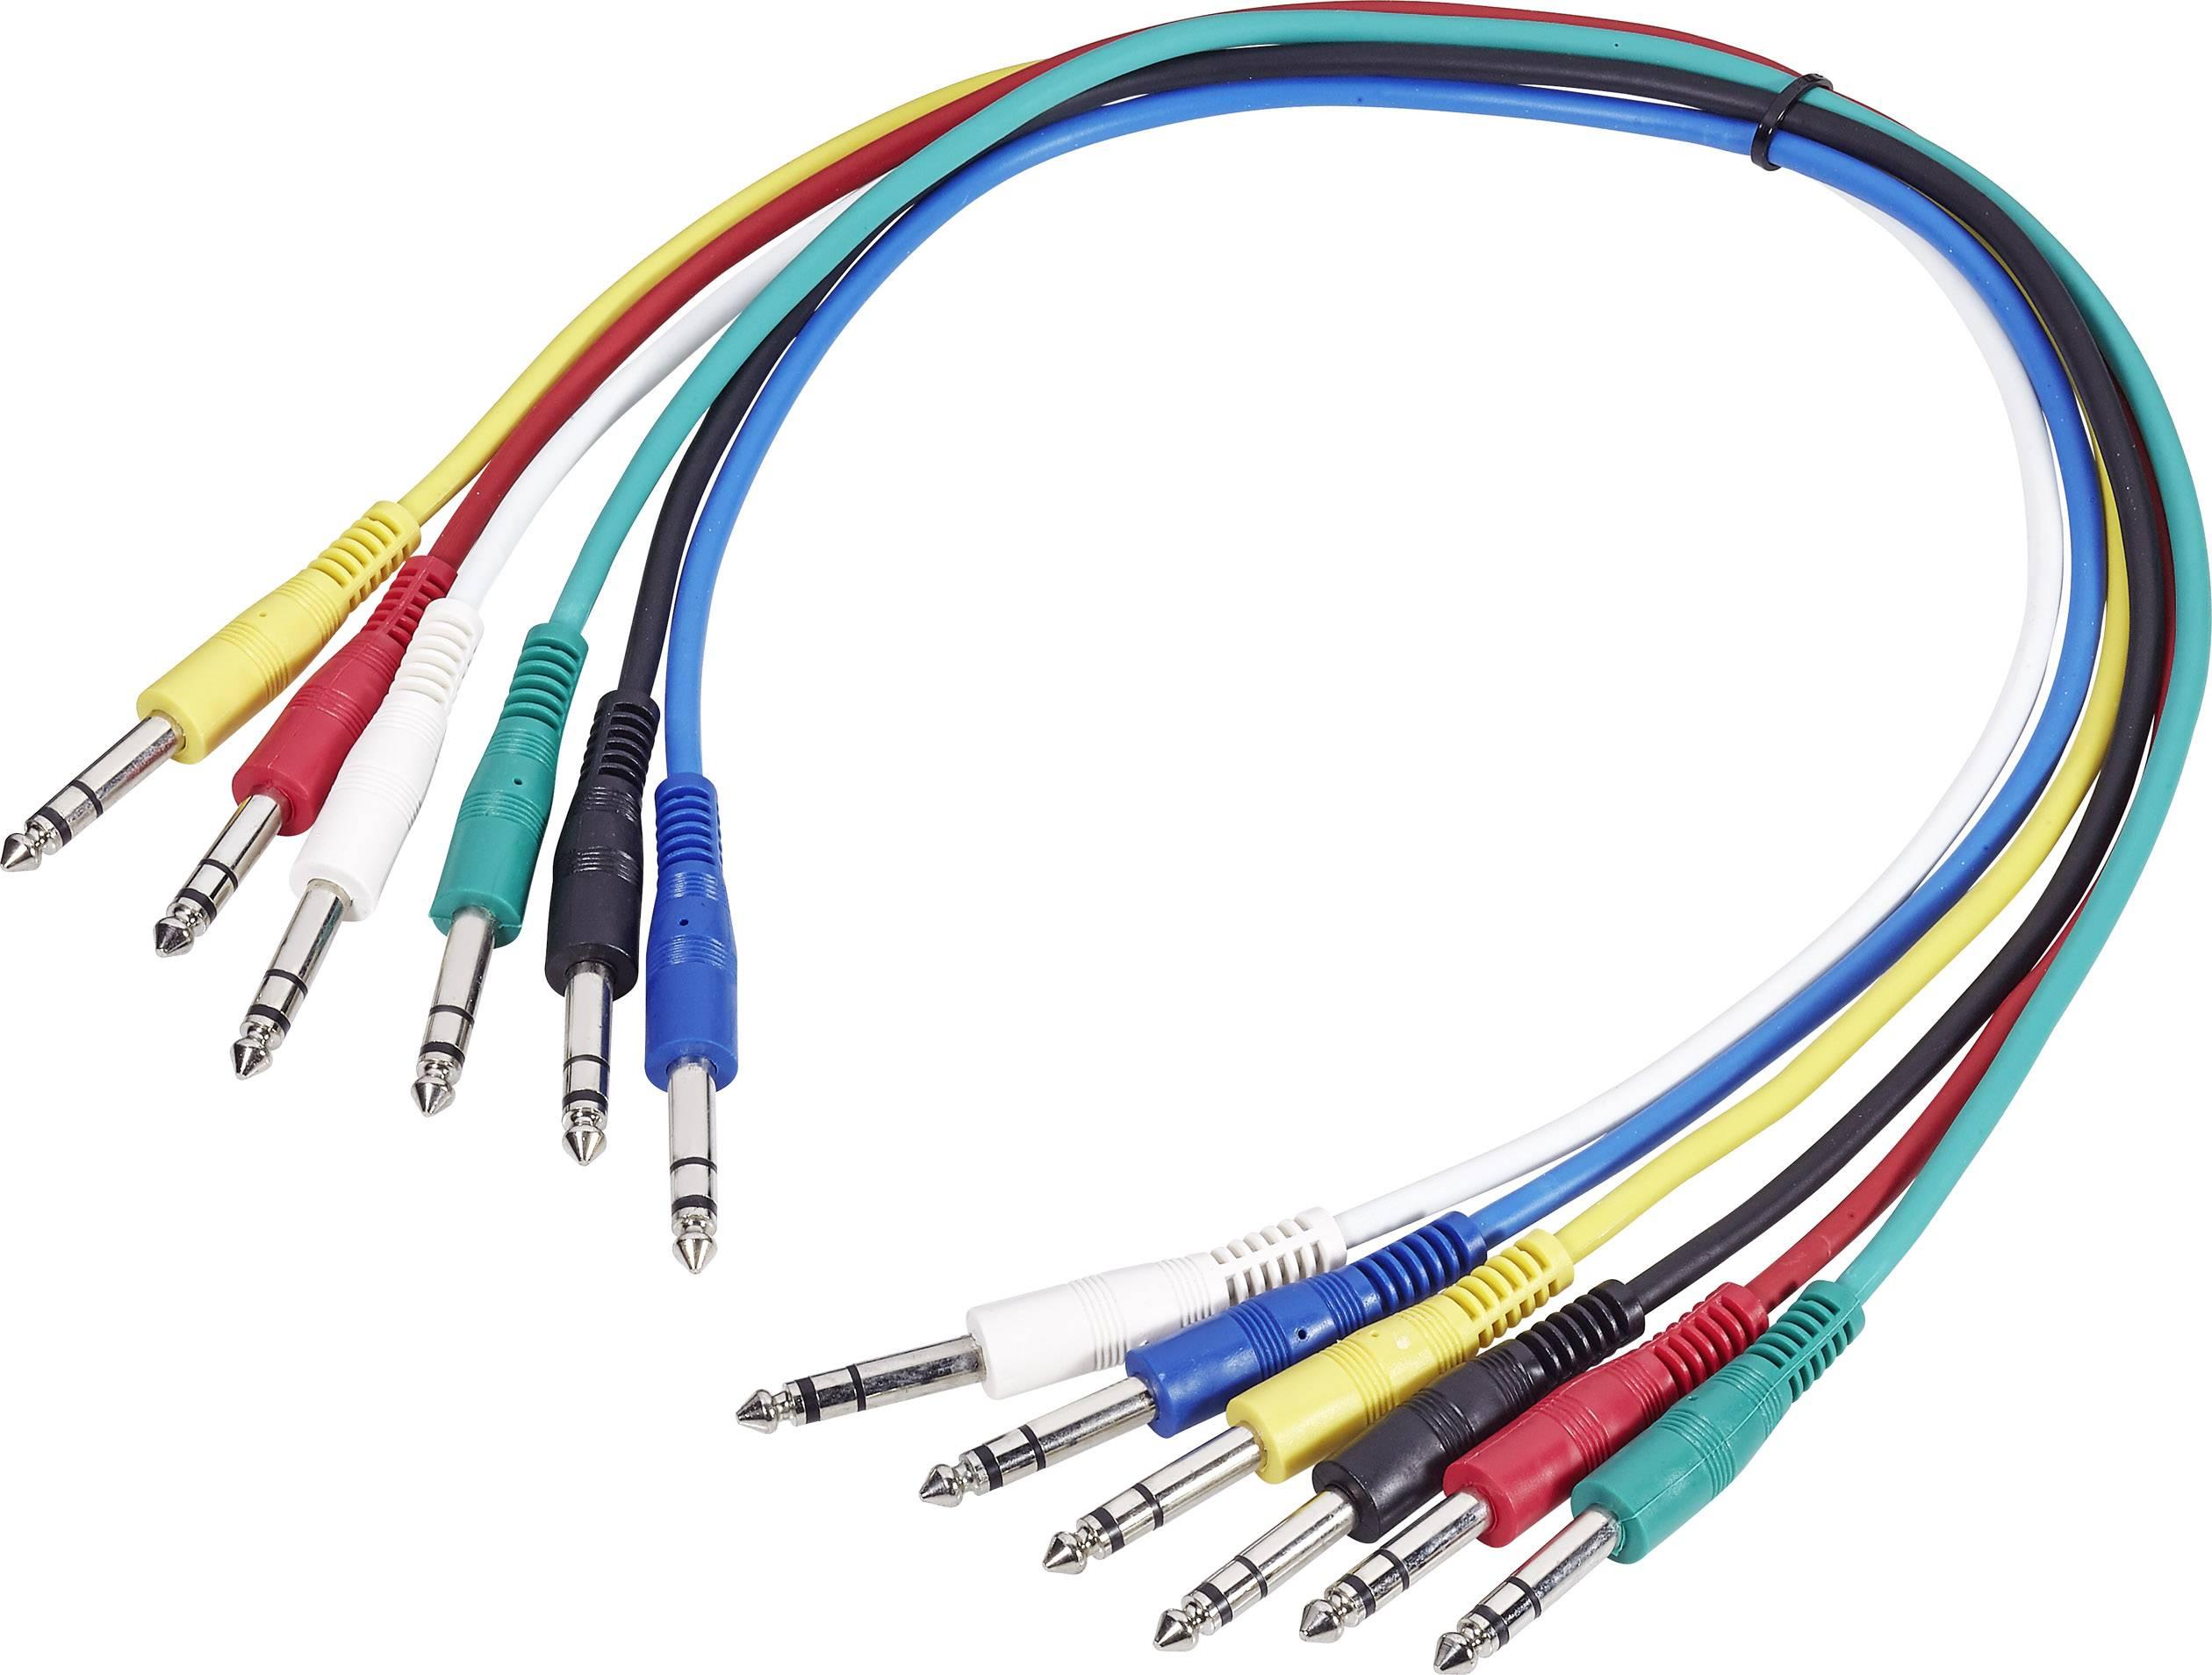 Kábel Paccs HPC53SET006SD, [6x jack zástrčka 6,35 mm - 6x jack zástrčka 6,35 mm], 0.6 m, farebná